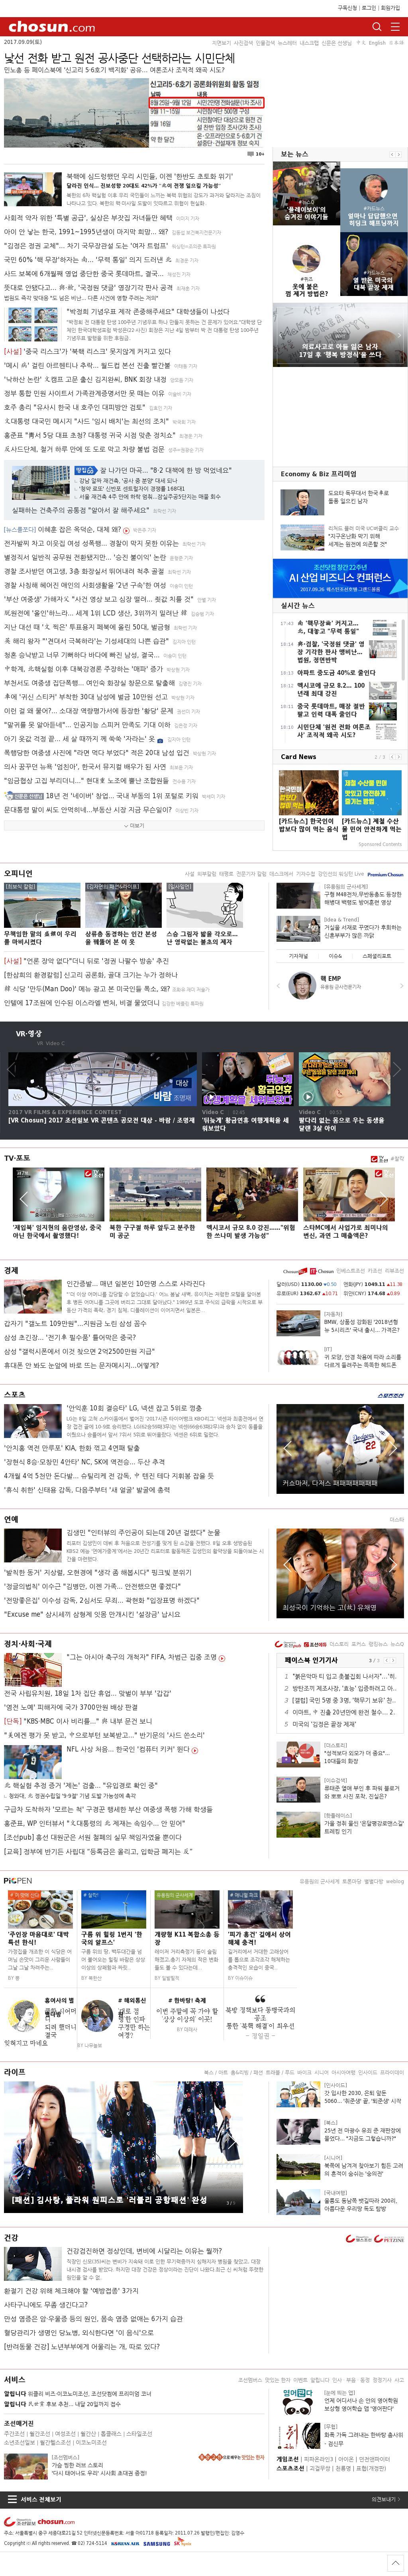 chosun.com at Friday Sept. 8, 2017, 8:02 p.m. UTC